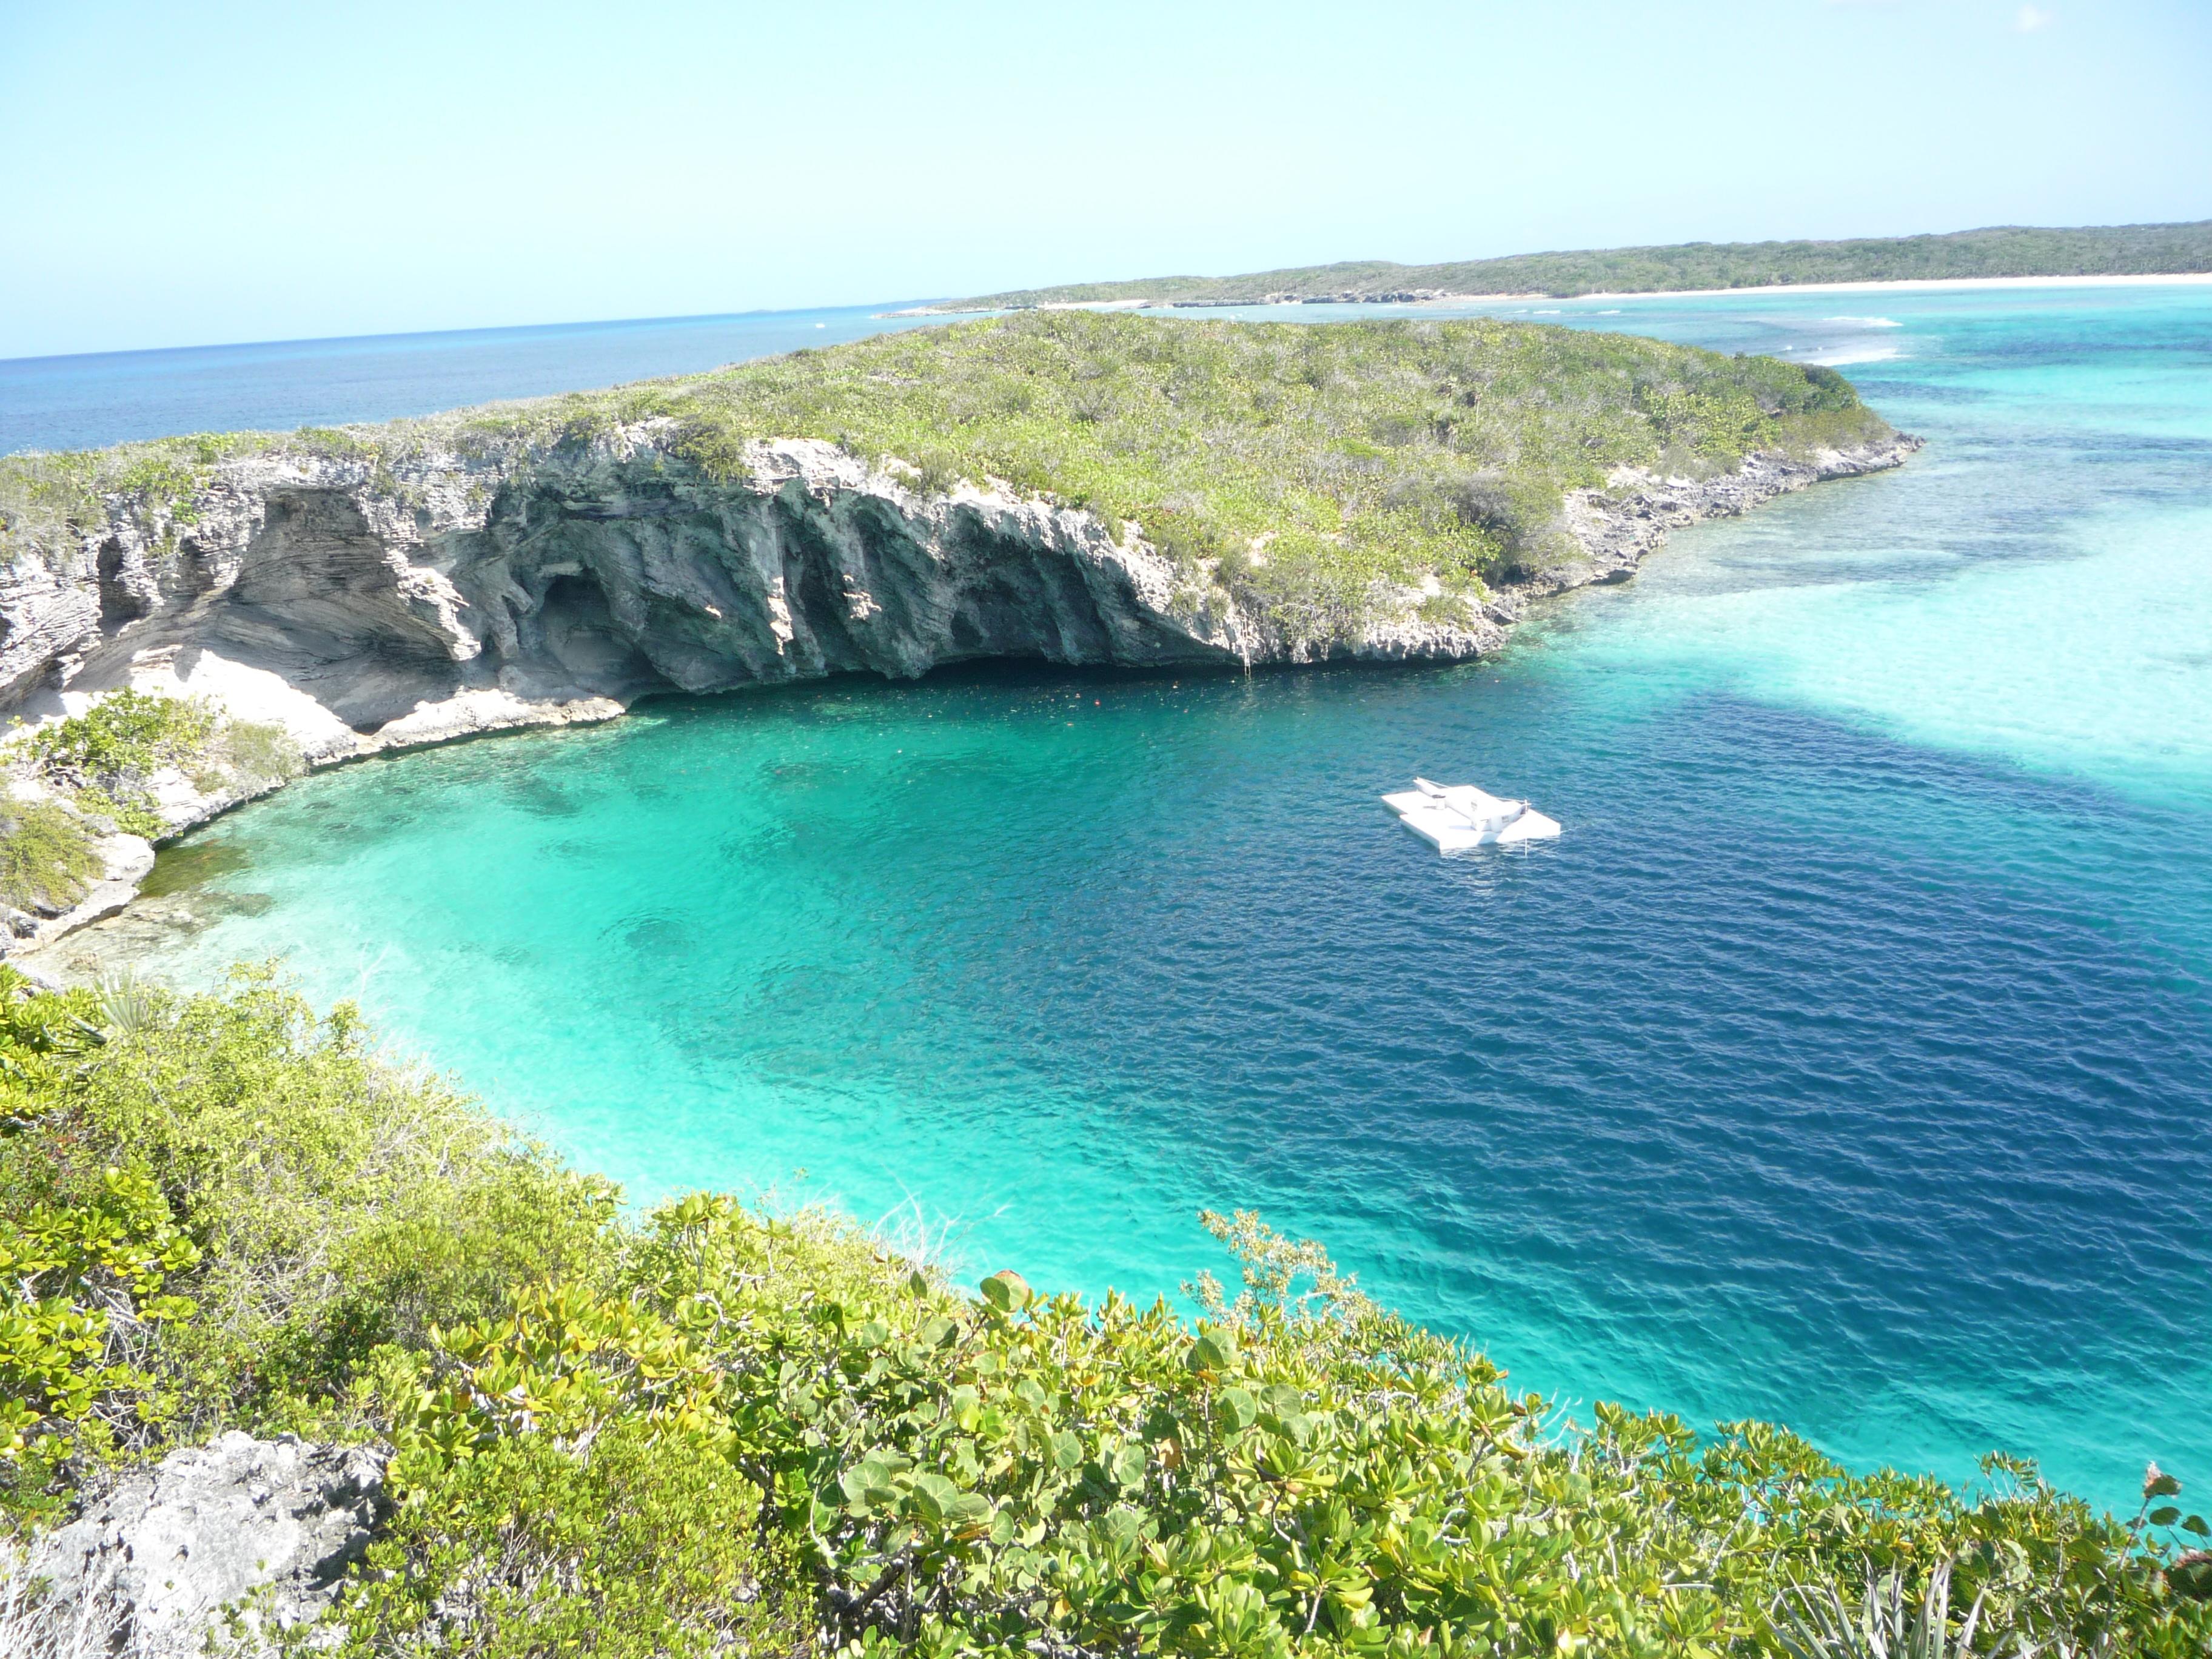 File:Dean Blue Hole Long Island Bahamas 20110210.JPG ... on andros, bahamas, eleuthera bahamas, abaco bahamas, matthew town bahamas, san salvador bahamas, harbour island bahamas, ragged island, dean's blue hole, grand bahama, green turtle cay bahamas, paradise island, new providence, crooked island, hope town bahamas, inagua bahamas, grand cay bahamas, clarence town bahamas, freeport bahamas, rum cay bahamas, spanish wells bahamas, deadman's cay bahamas, cat island, berry islands, exuma bahamas, cat island bahamas, the bahamas, andros bahamas, ragged island bahamas, nassau bahamas, rum cay, half moon cay bahamas,